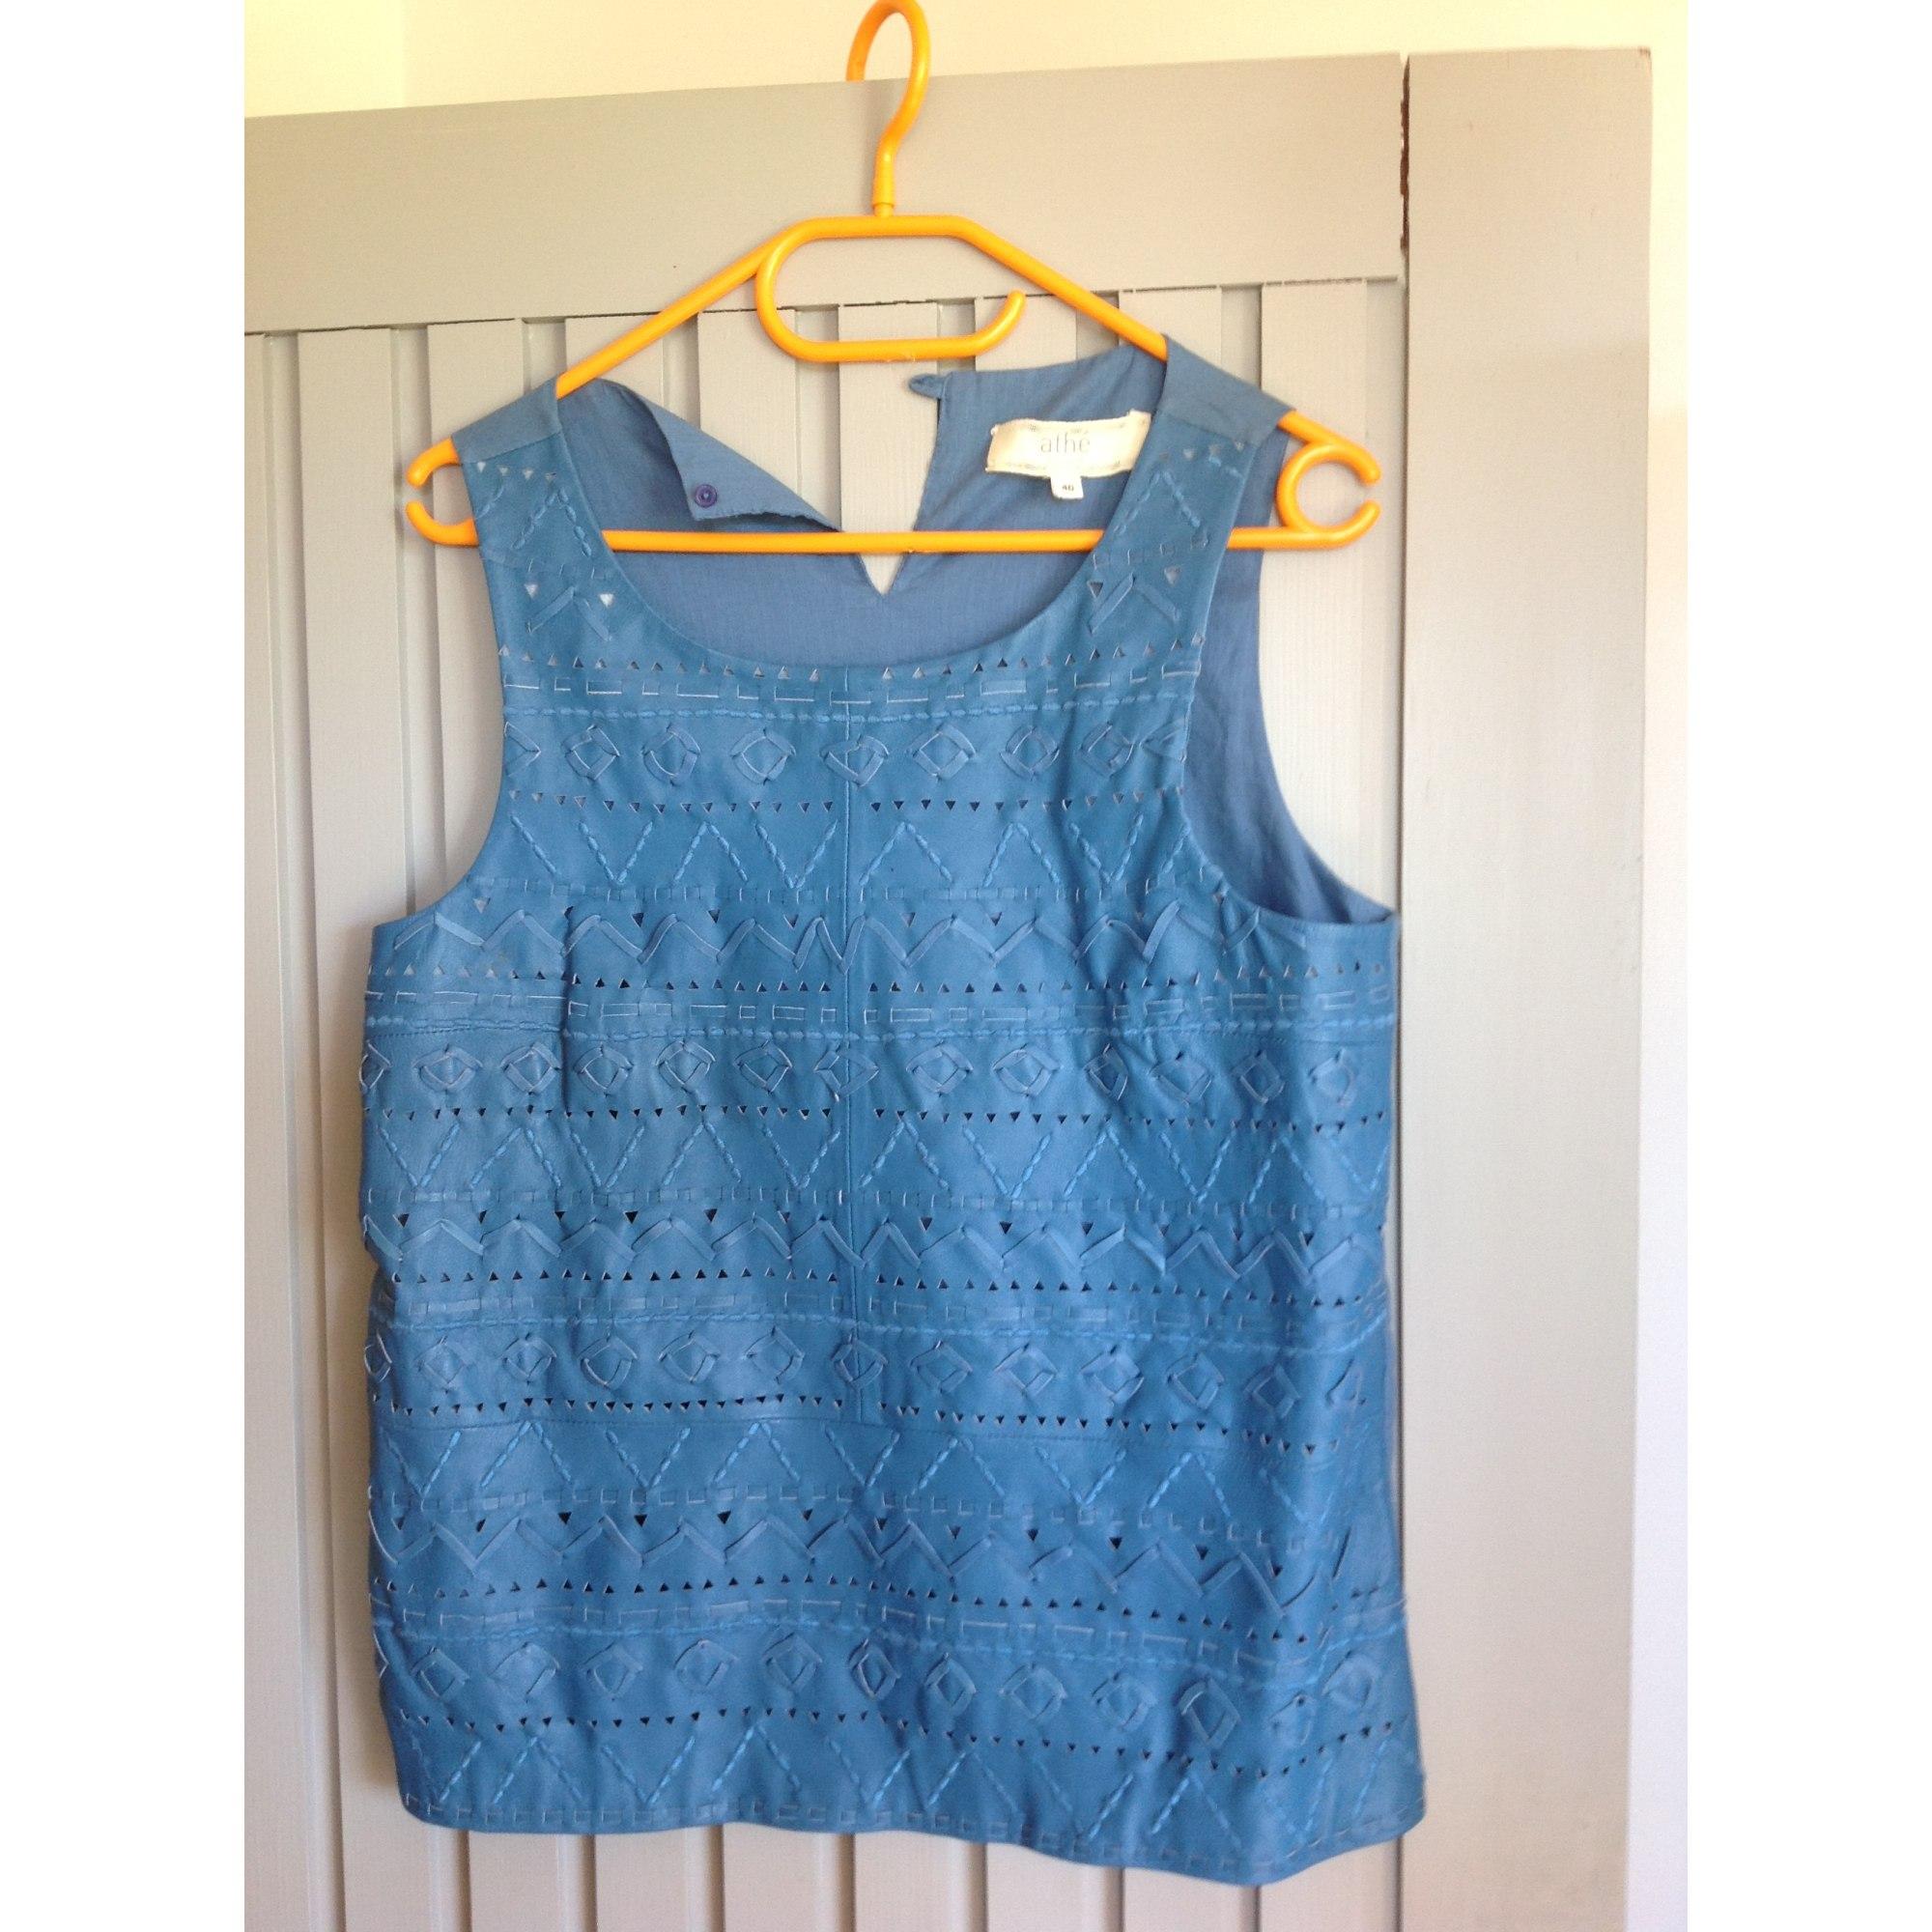 Top, tee-shirt ATHÉ VANESSA BRUNO Bleu, bleu marine, bleu turquoise